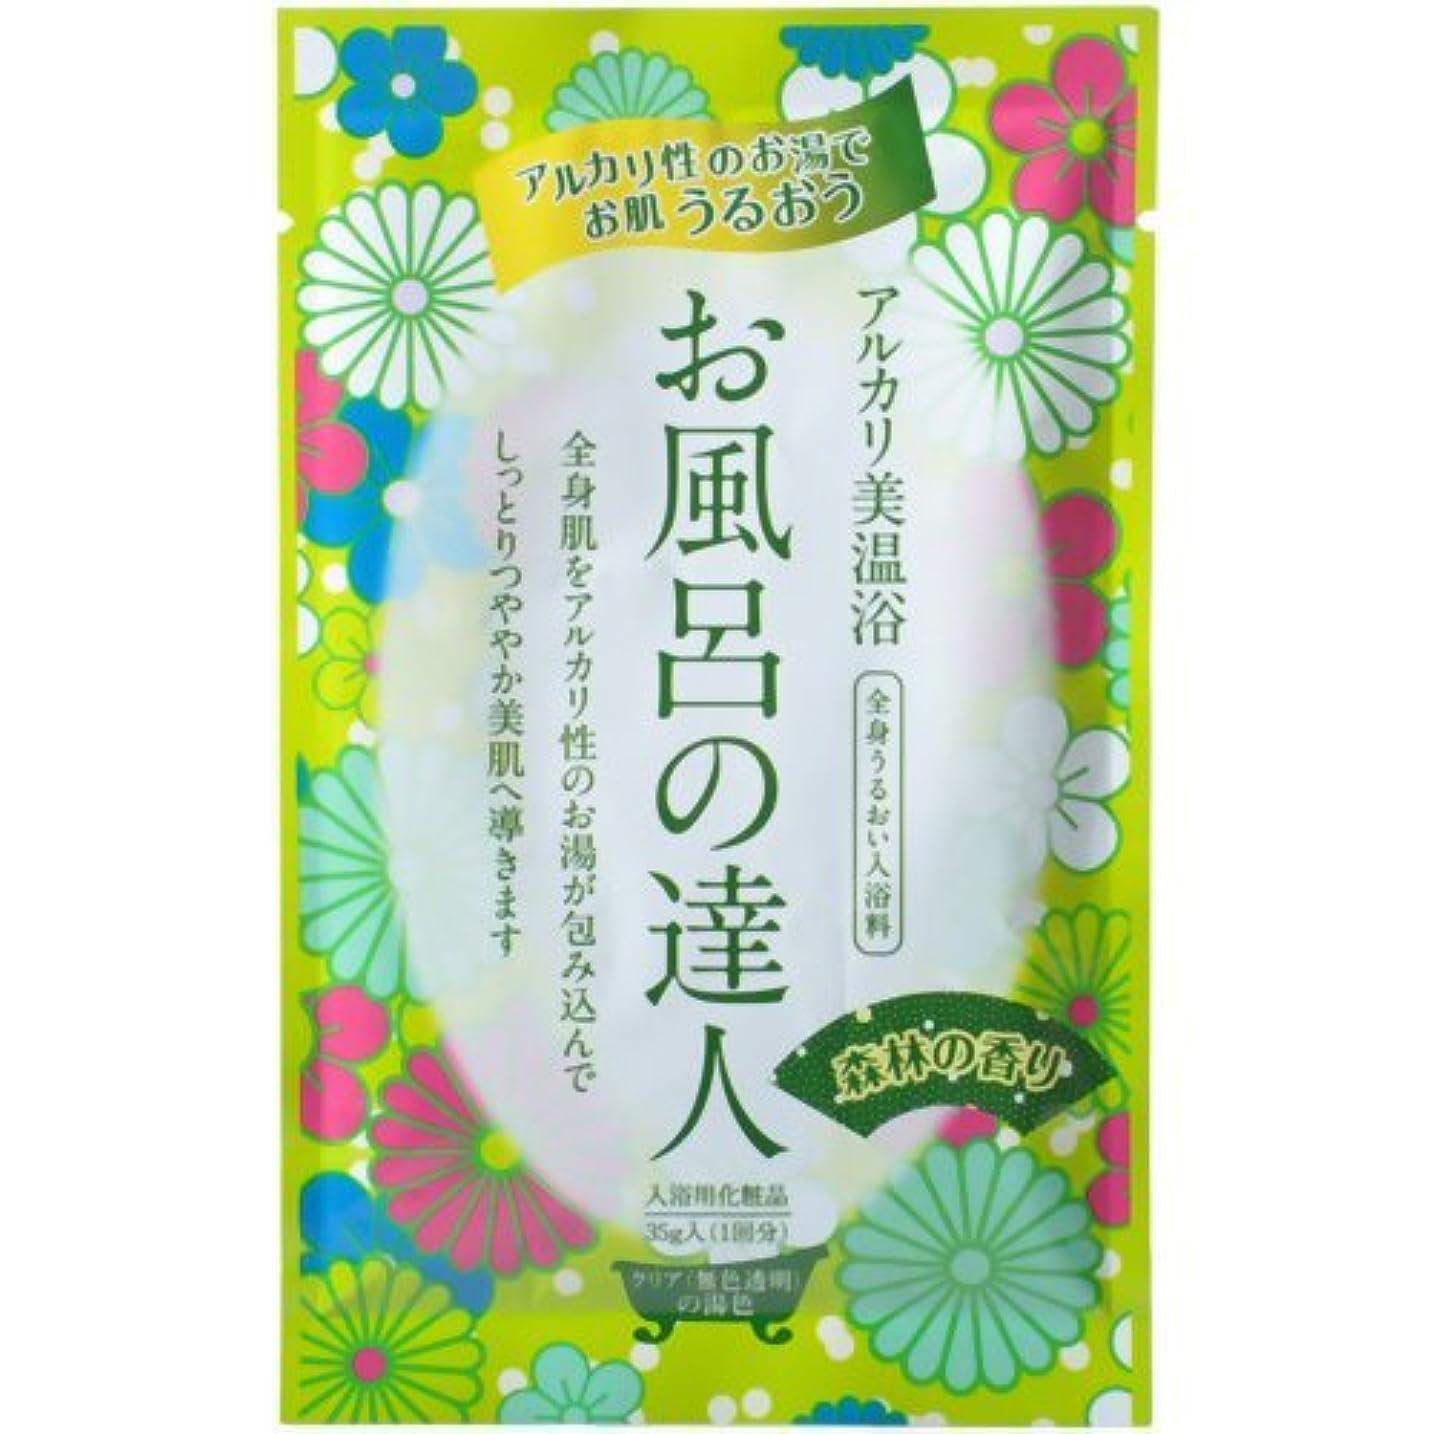 キャンパスプレフィックス風邪をひく五洲薬品(株) お風呂の達人森林の香り 35G 入浴剤